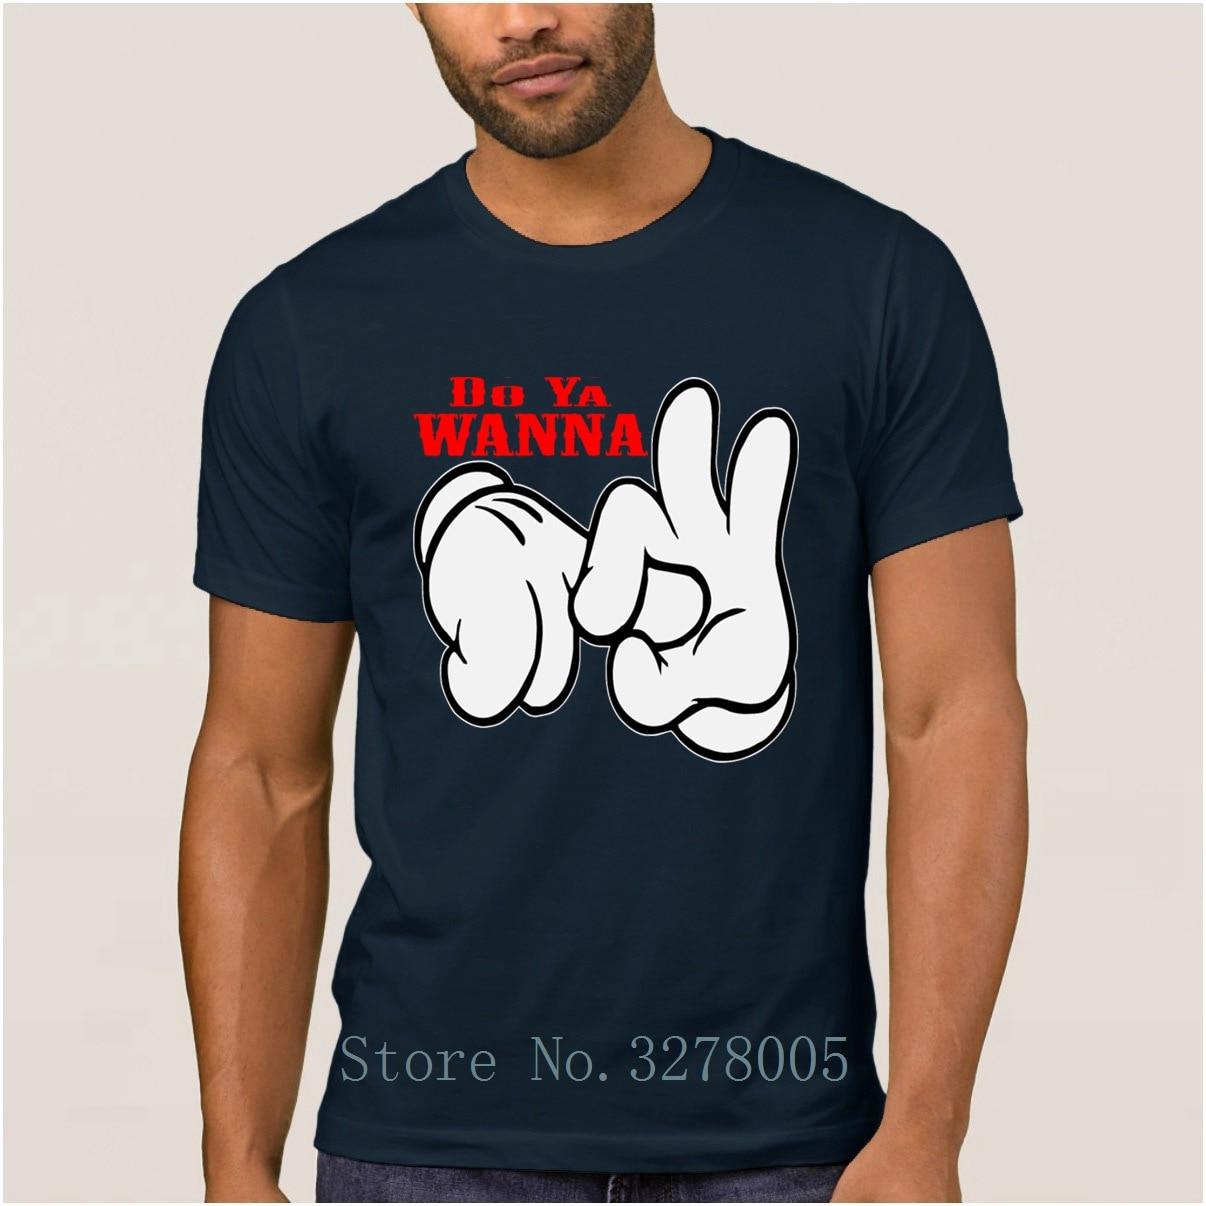 Marque La Maxpa Do Ya veux sexe dessin animé t-shirts pour hommes Funky hommes T-Shirt hommes 2018 taille européenne S-3xl unisexe hommes T-Shirt